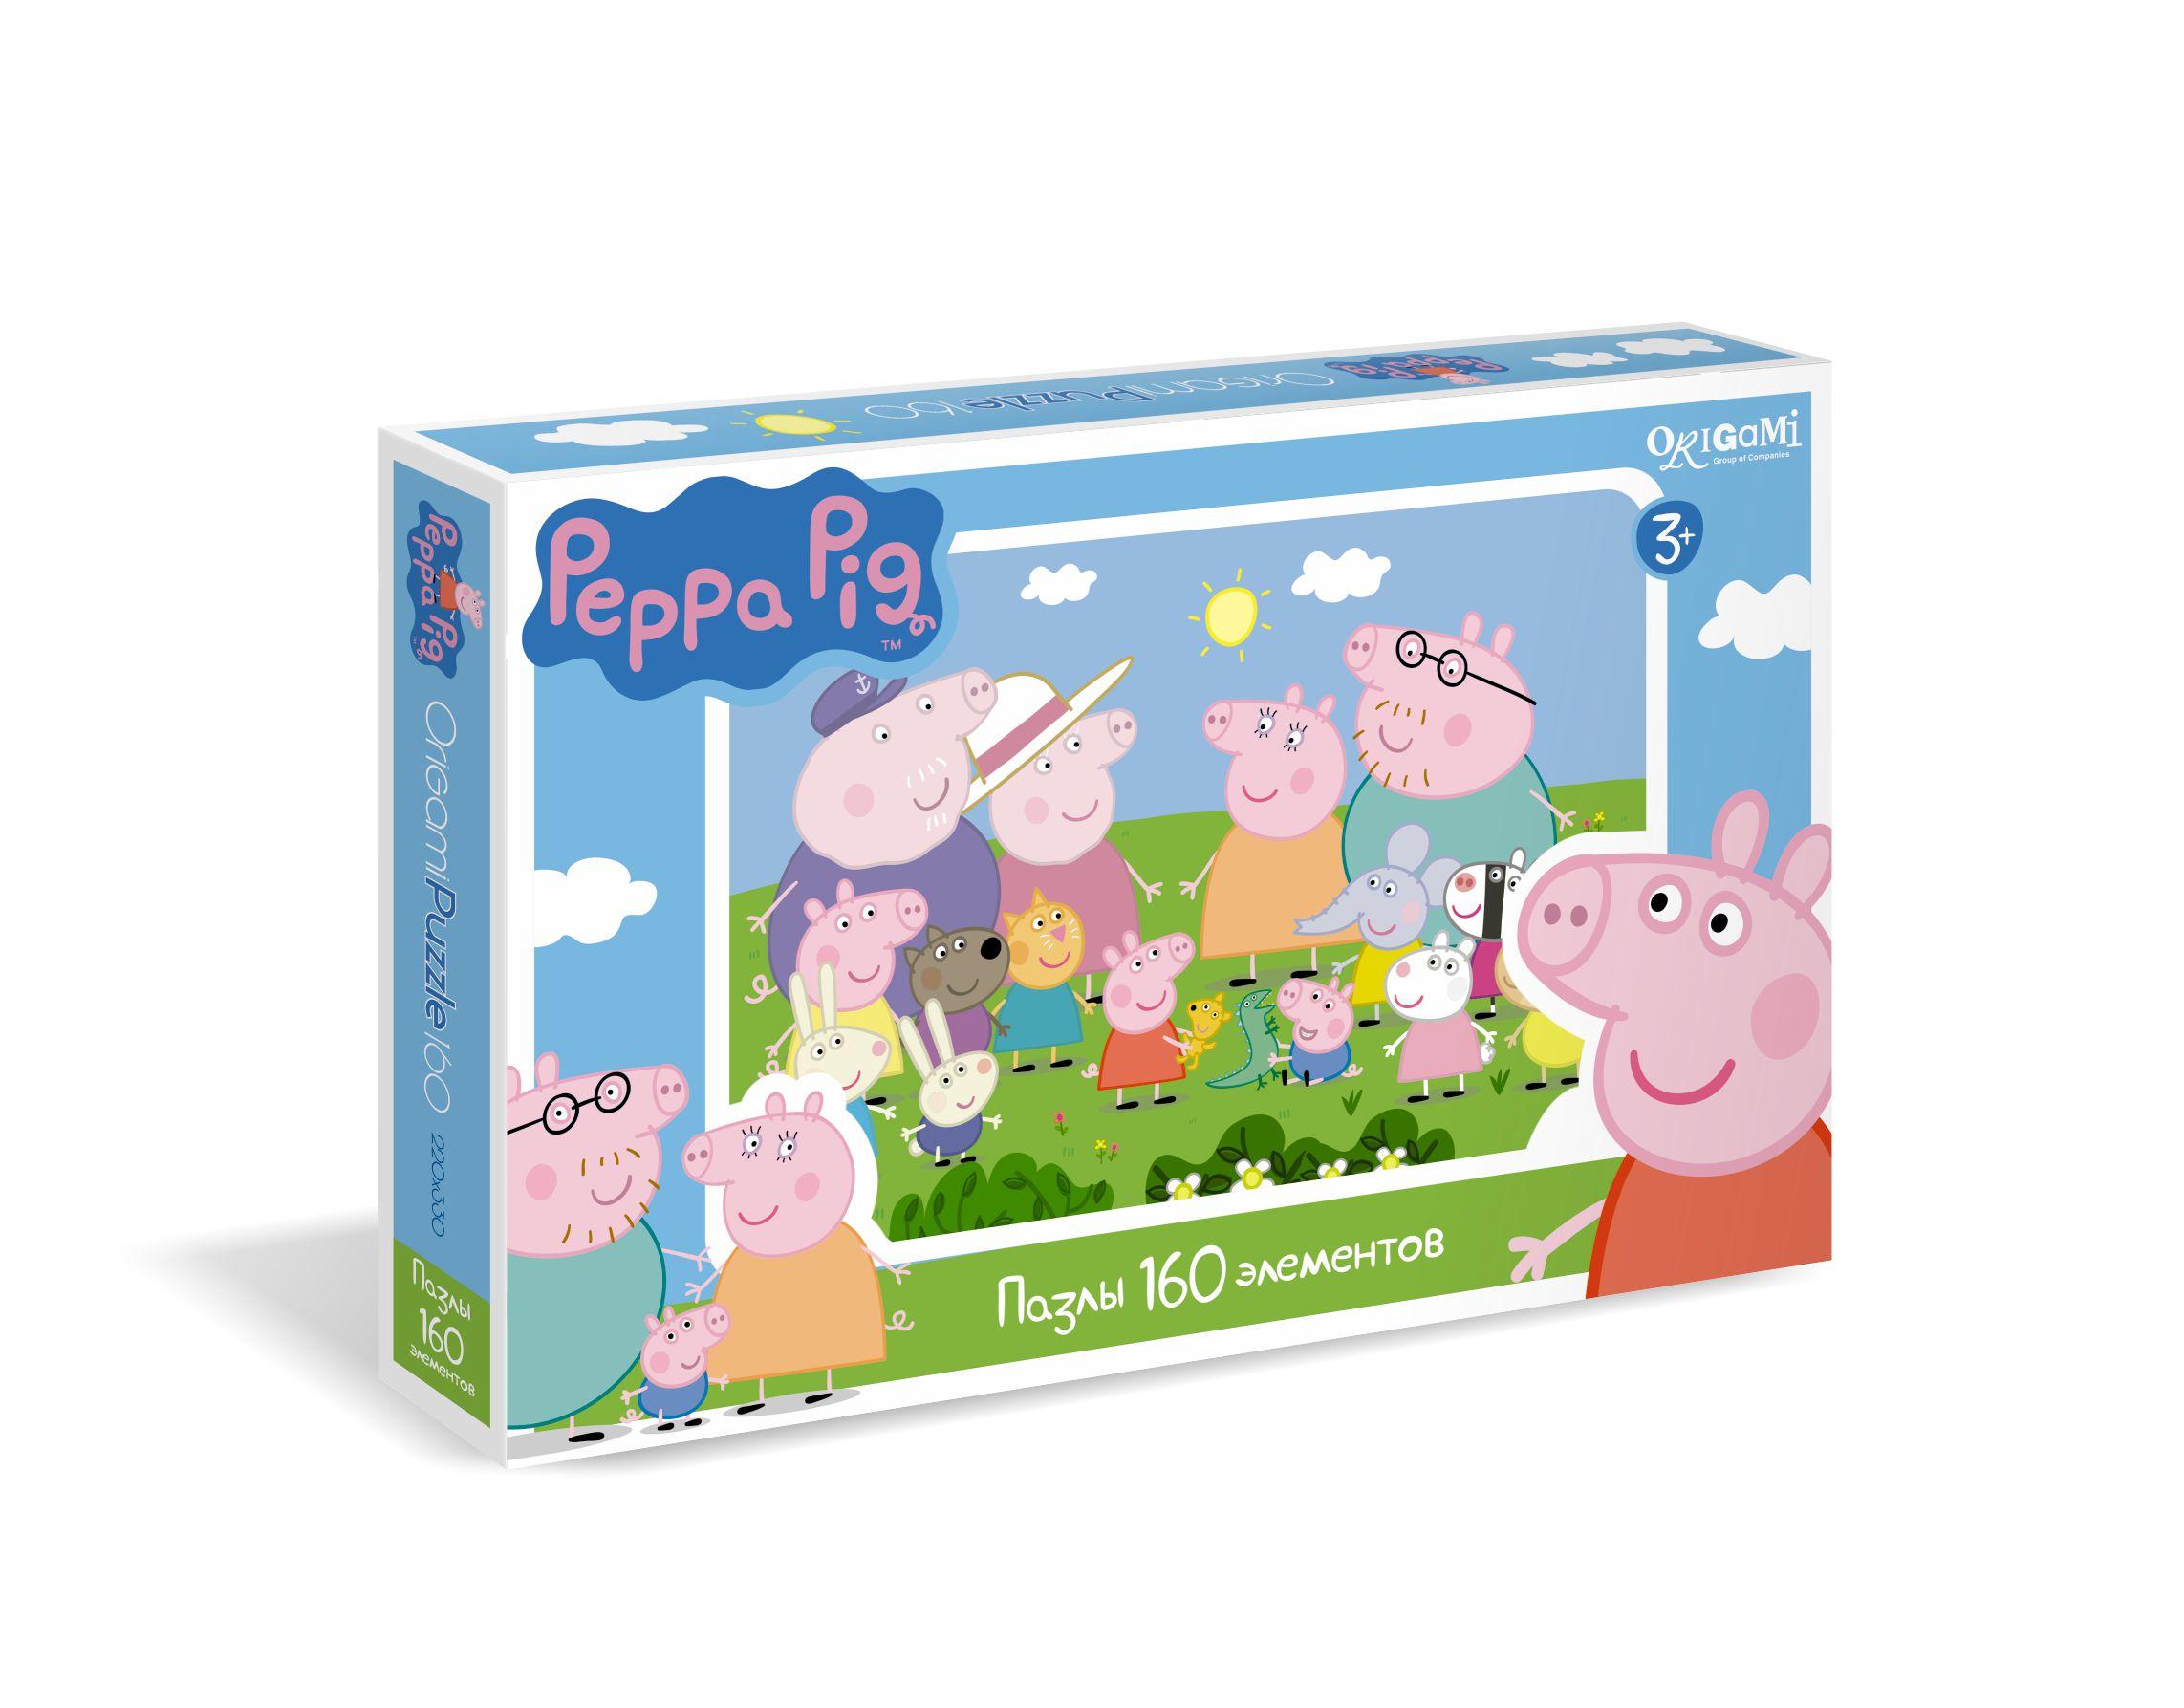 Peppa Pig.Пазл.160A.01543